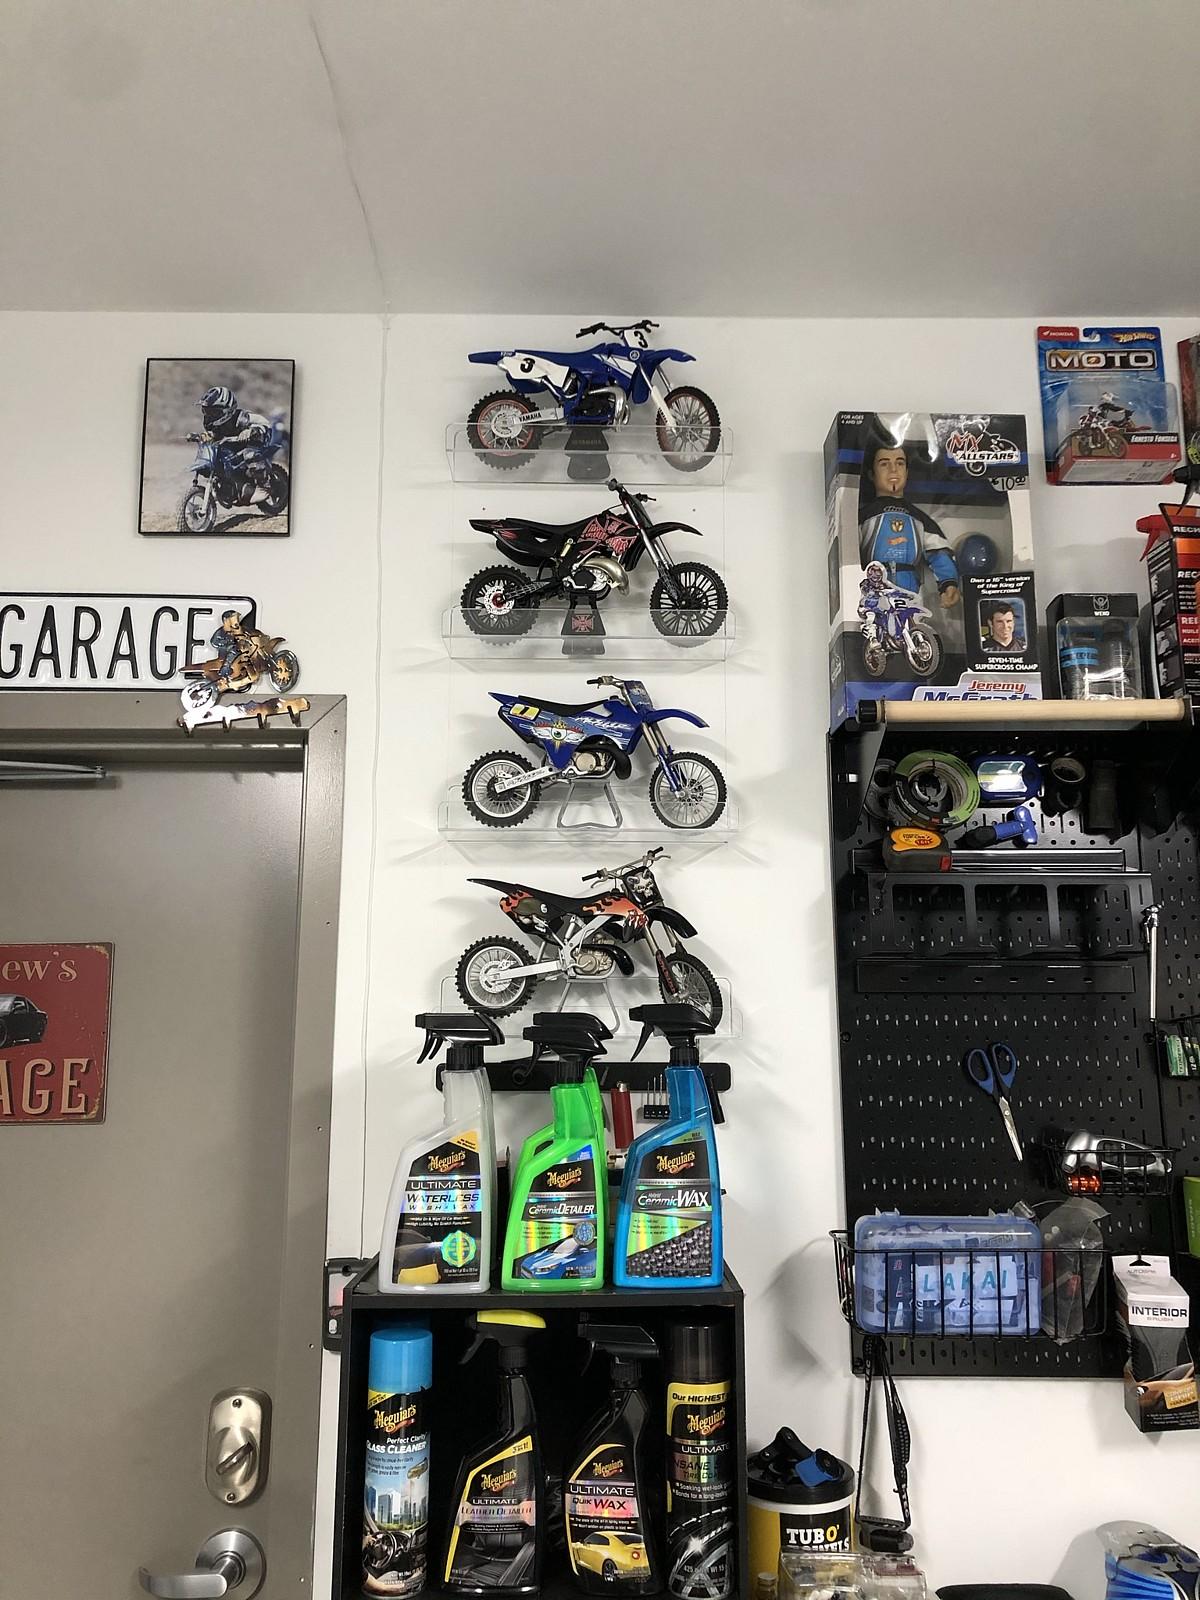 E4D5F72B-C701-46C7-8299-DD6A0CBA0F4D - mx_toys98 - Motocross Pictures - Vital MX